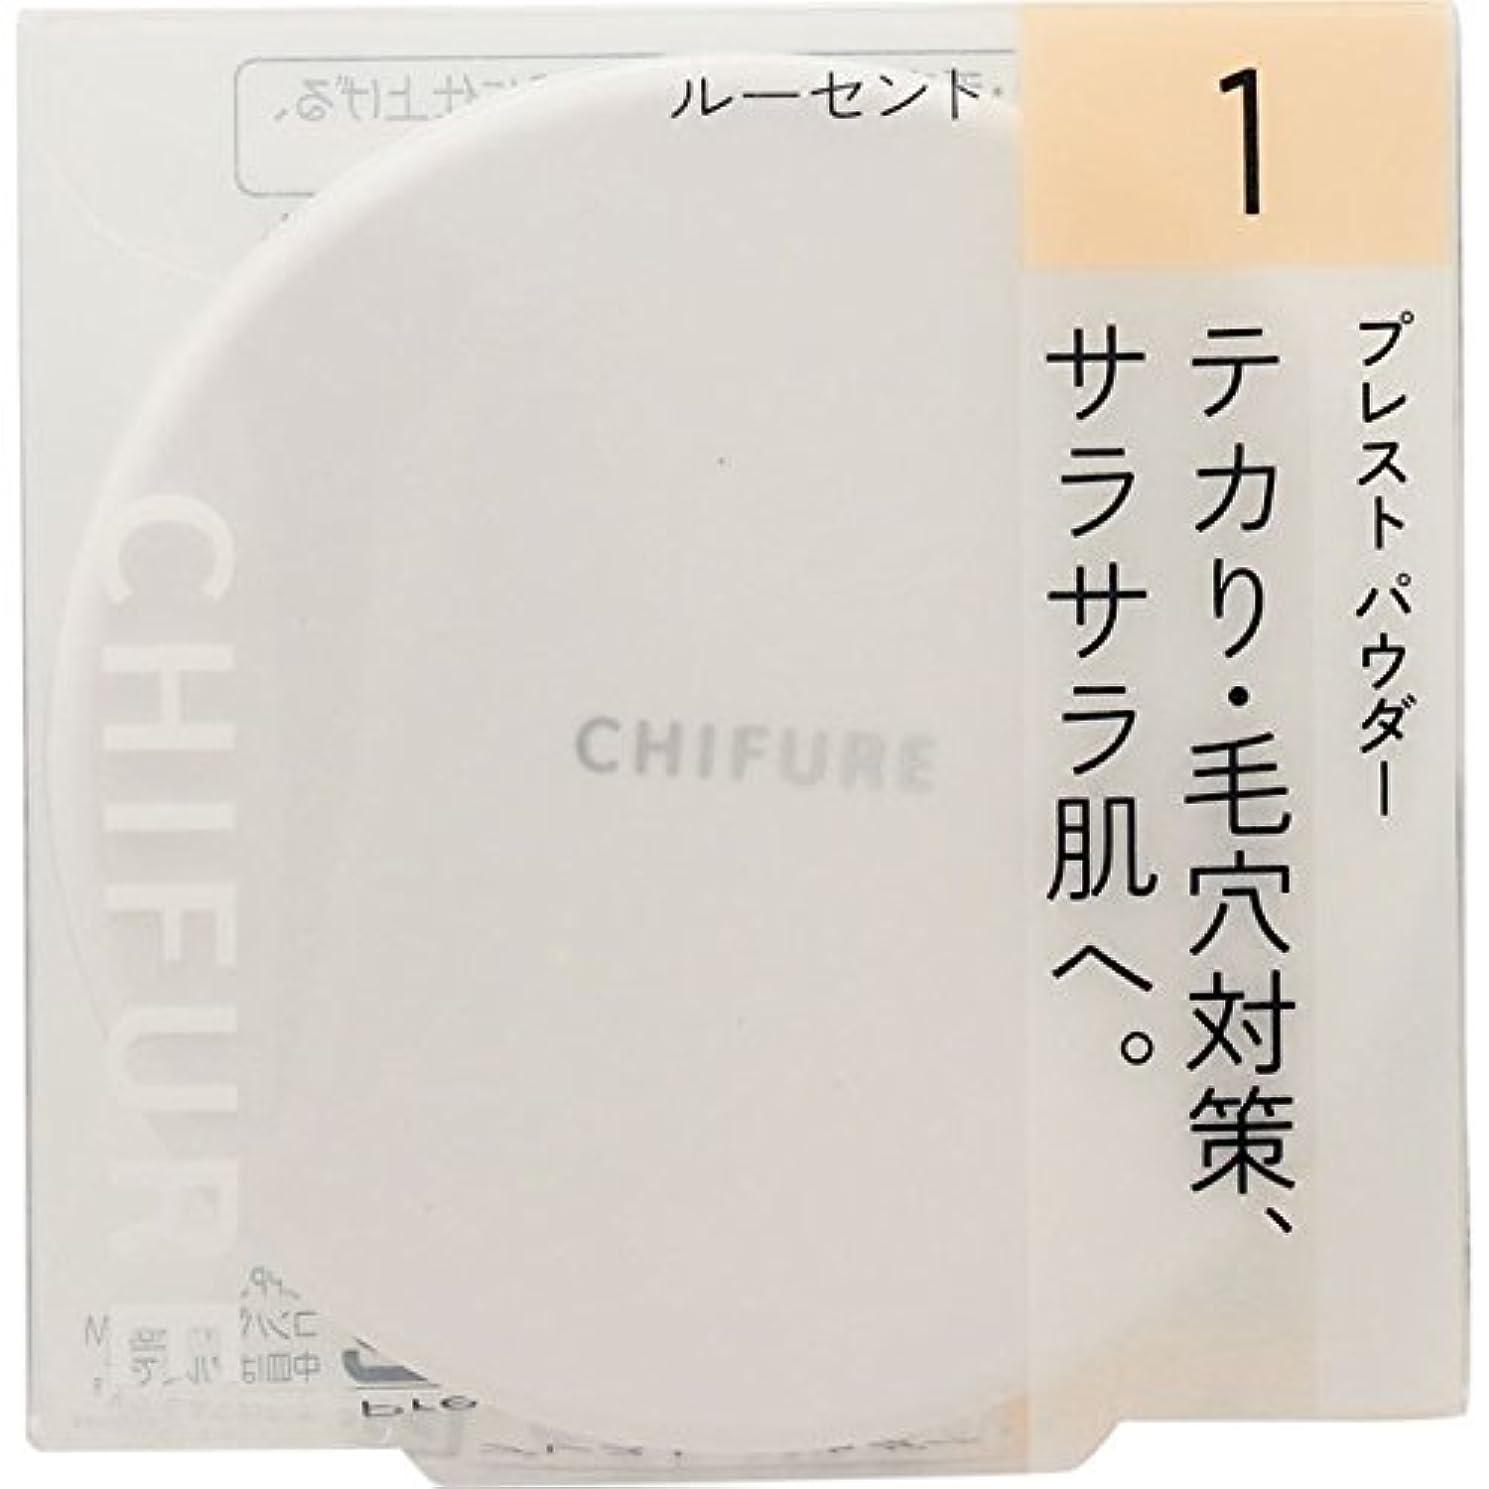 きゅうりモッキンバード正規化ちふれ化粧品 ちふれ プレストパウダーS 1 プレストパウダーS1